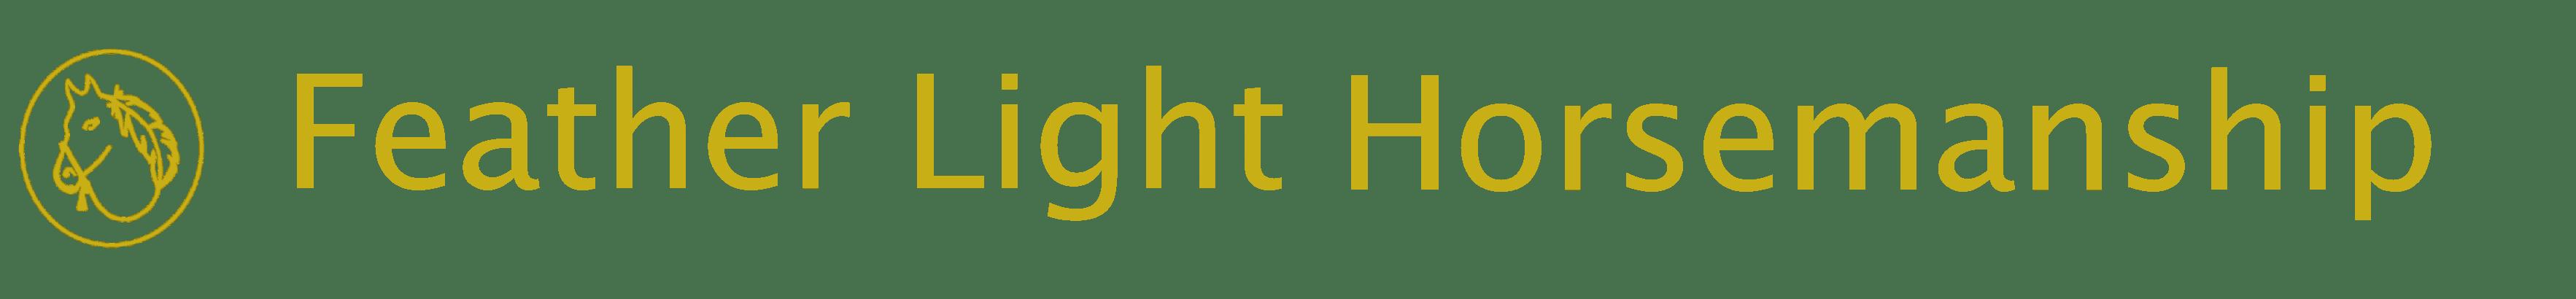 Feather Light Horsemanship